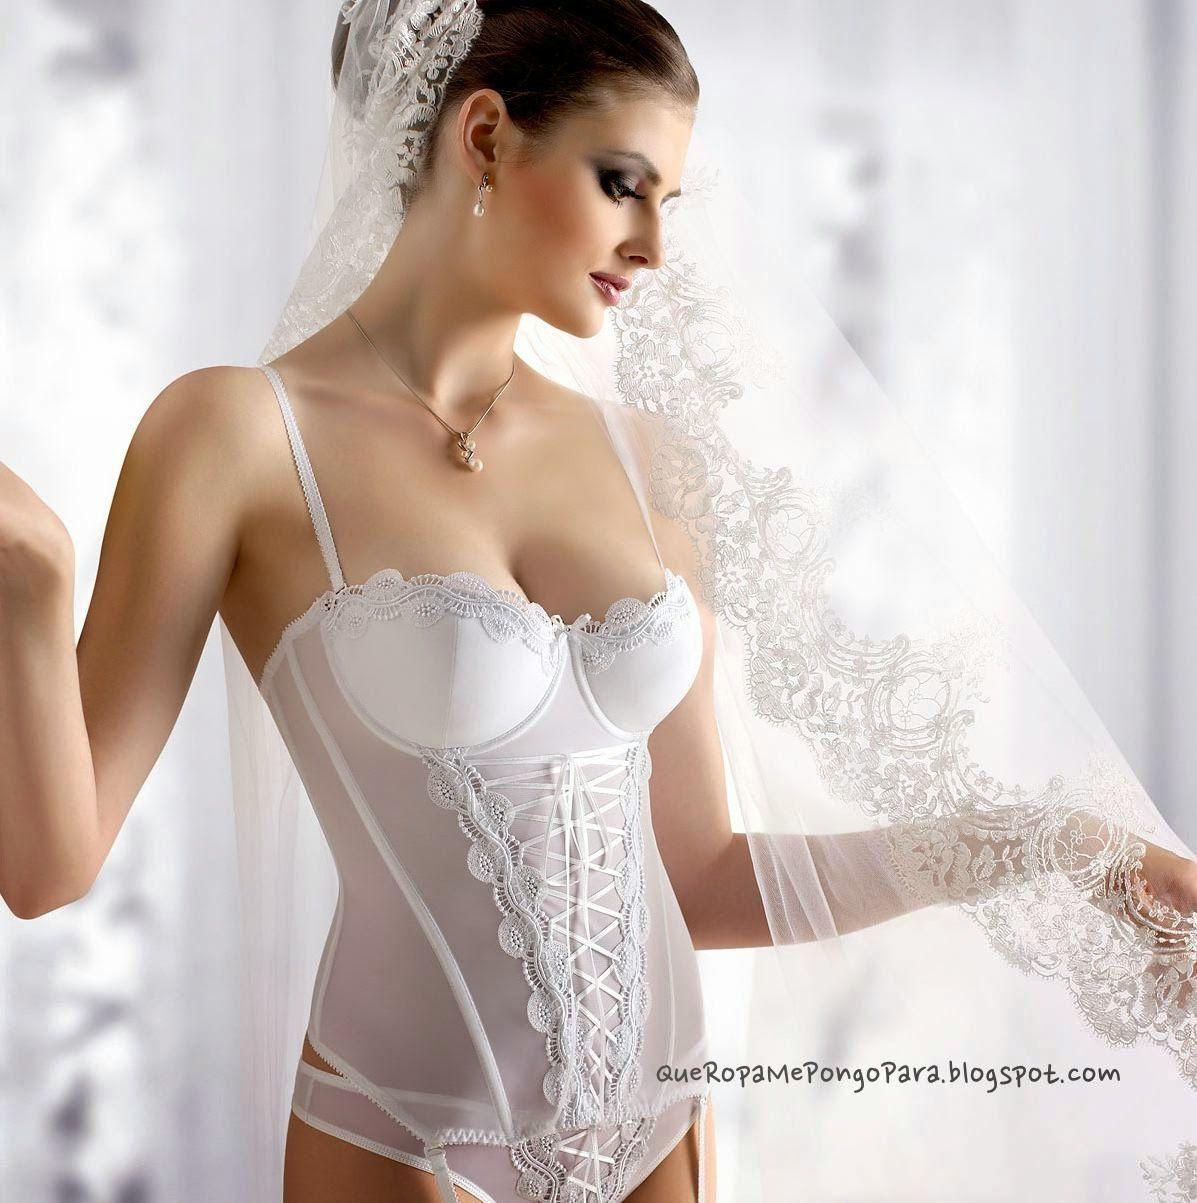 Lenceria para novias que ropa me pongo para mi noche de - Ropa interior hombre transparente ...